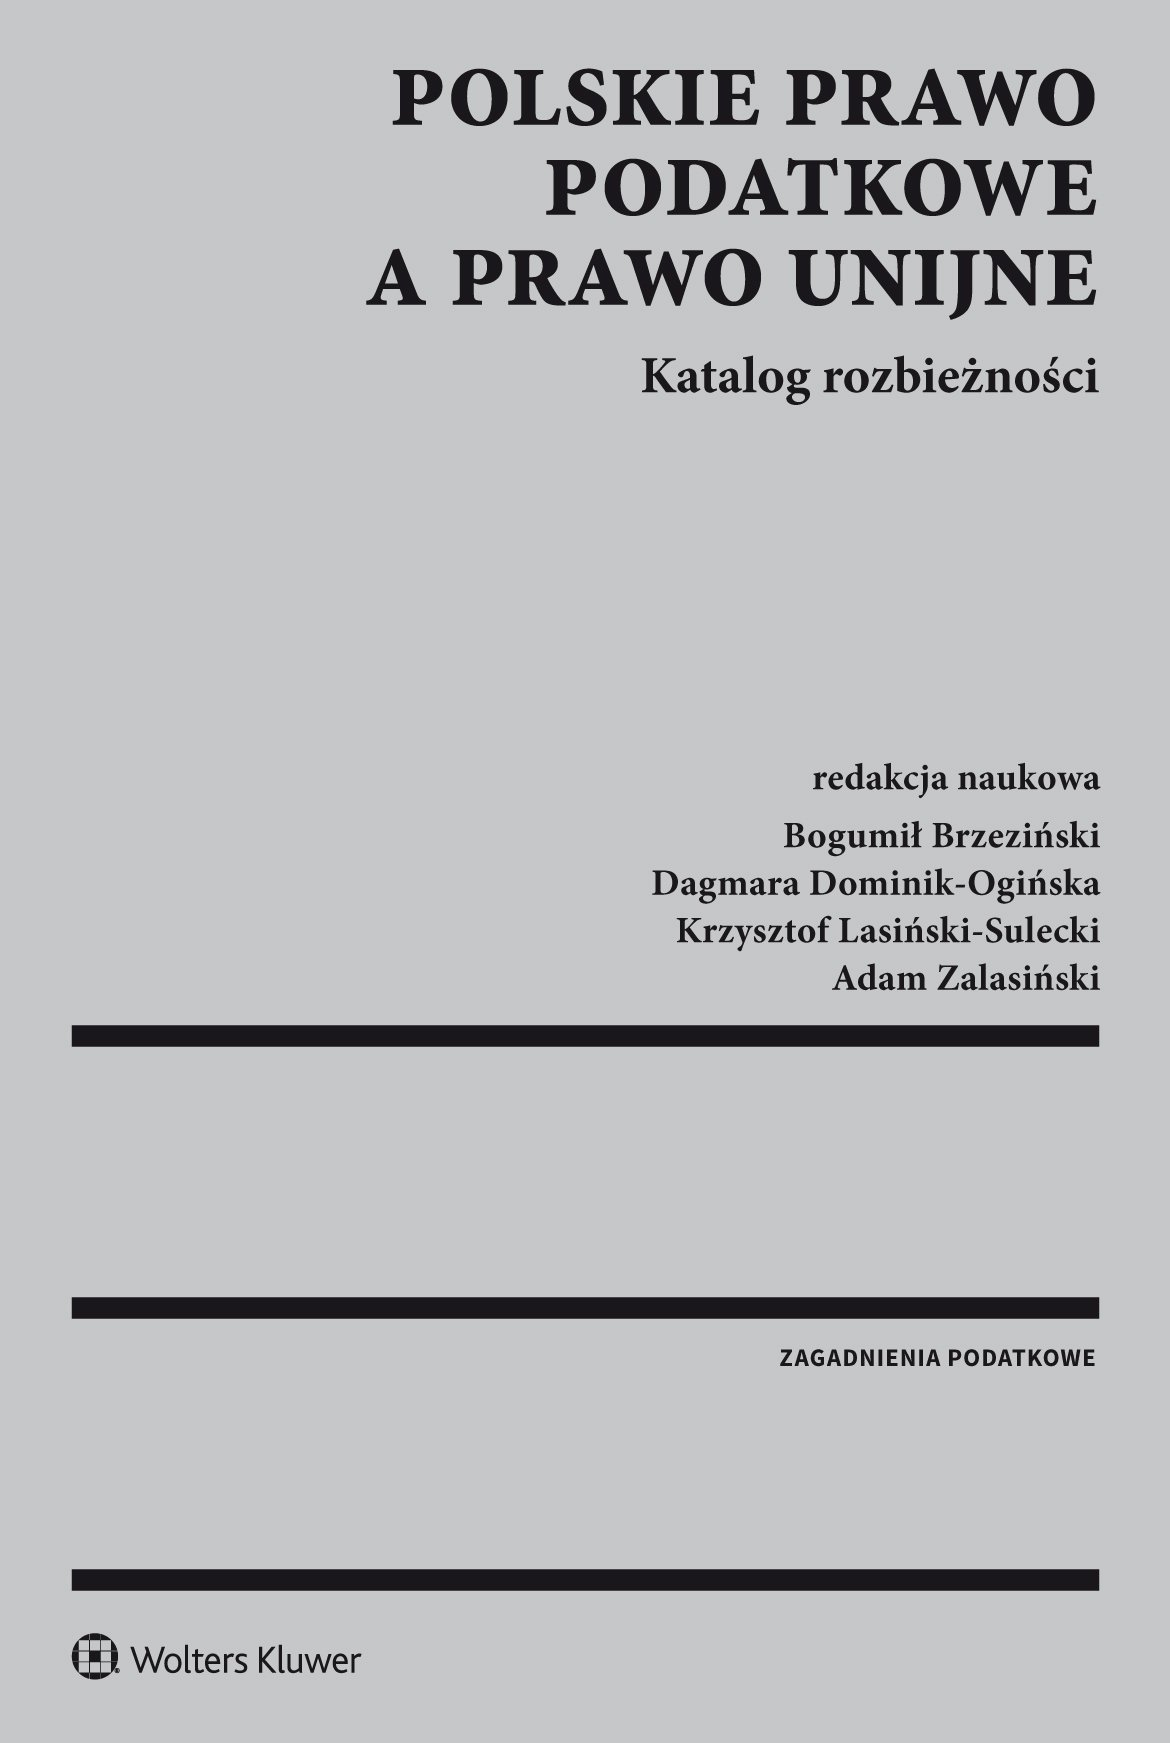 Polskie prawo podatkowe a prawo unijne. Katalog rozbieżności - Ebook (Książka PDF) do pobrania w formacie PDF